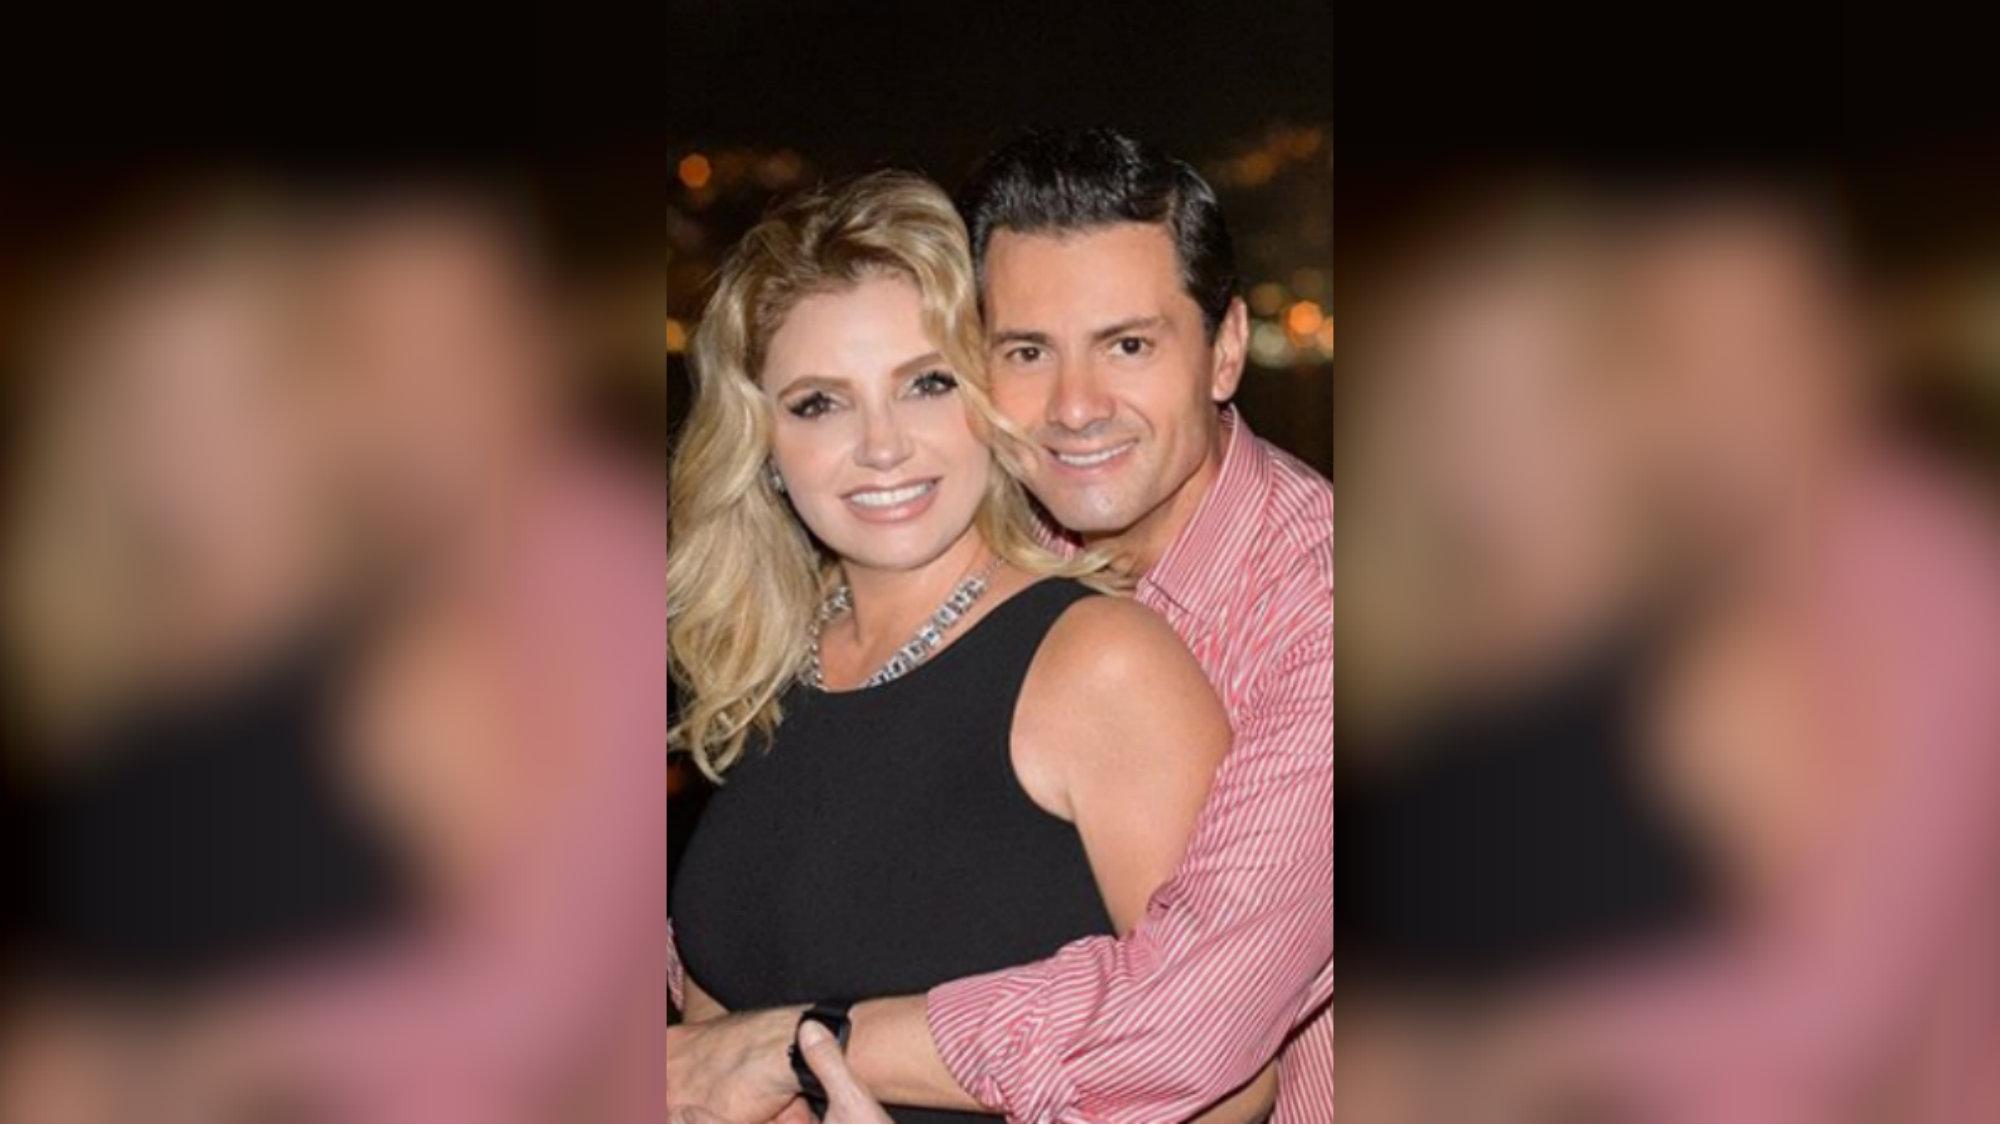 fotos más románticas Enrique Peña Nieto Angelica Rivera divorcio